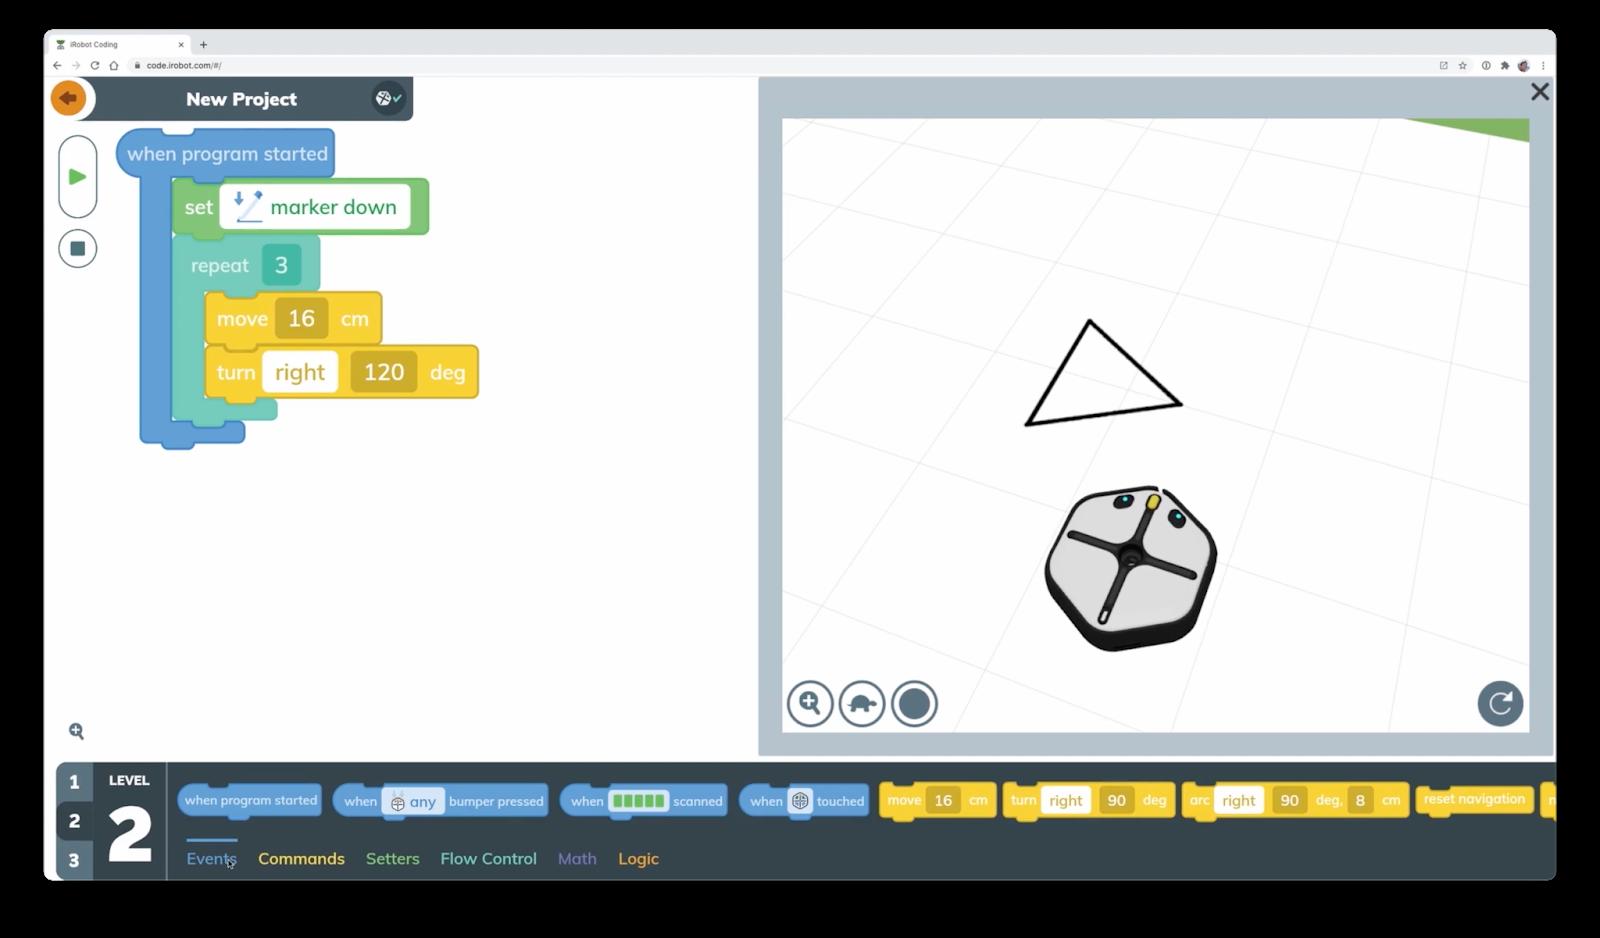 iRobot interface with Flutter